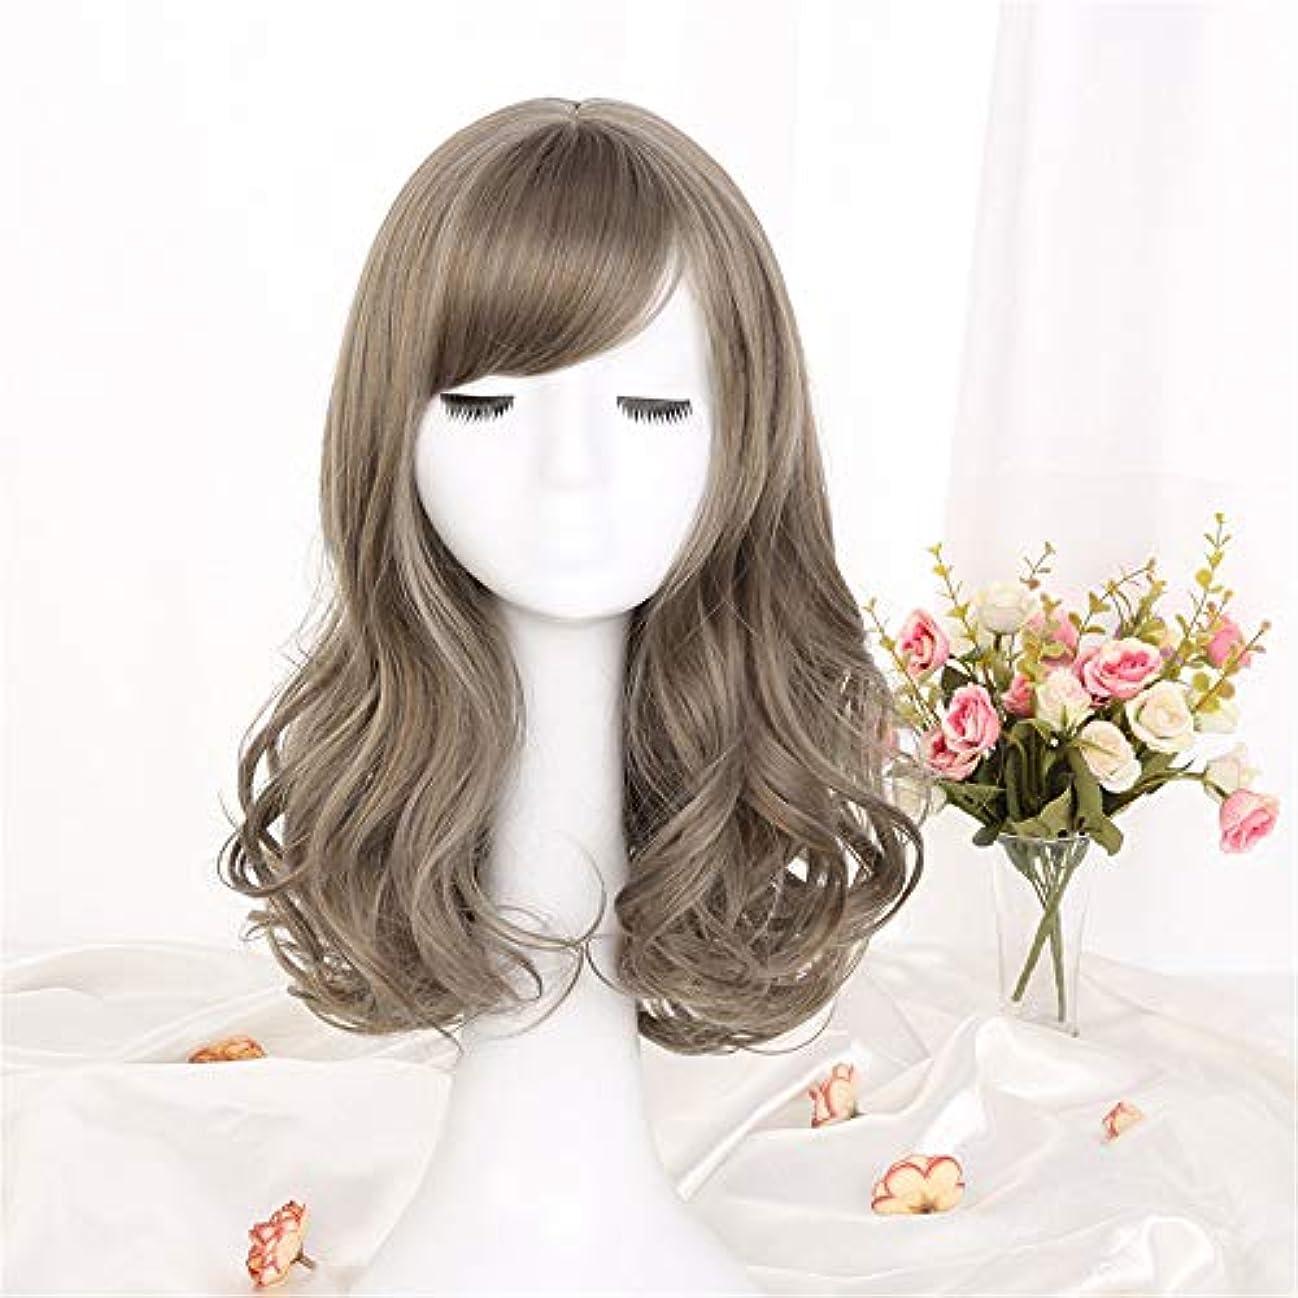 確実ブロー十分にウィッグ髪化学繊維フードミディアム長波高温合成繊維ウィッグ女性用ウィッググリーンウッドリネンアッシュ42cm